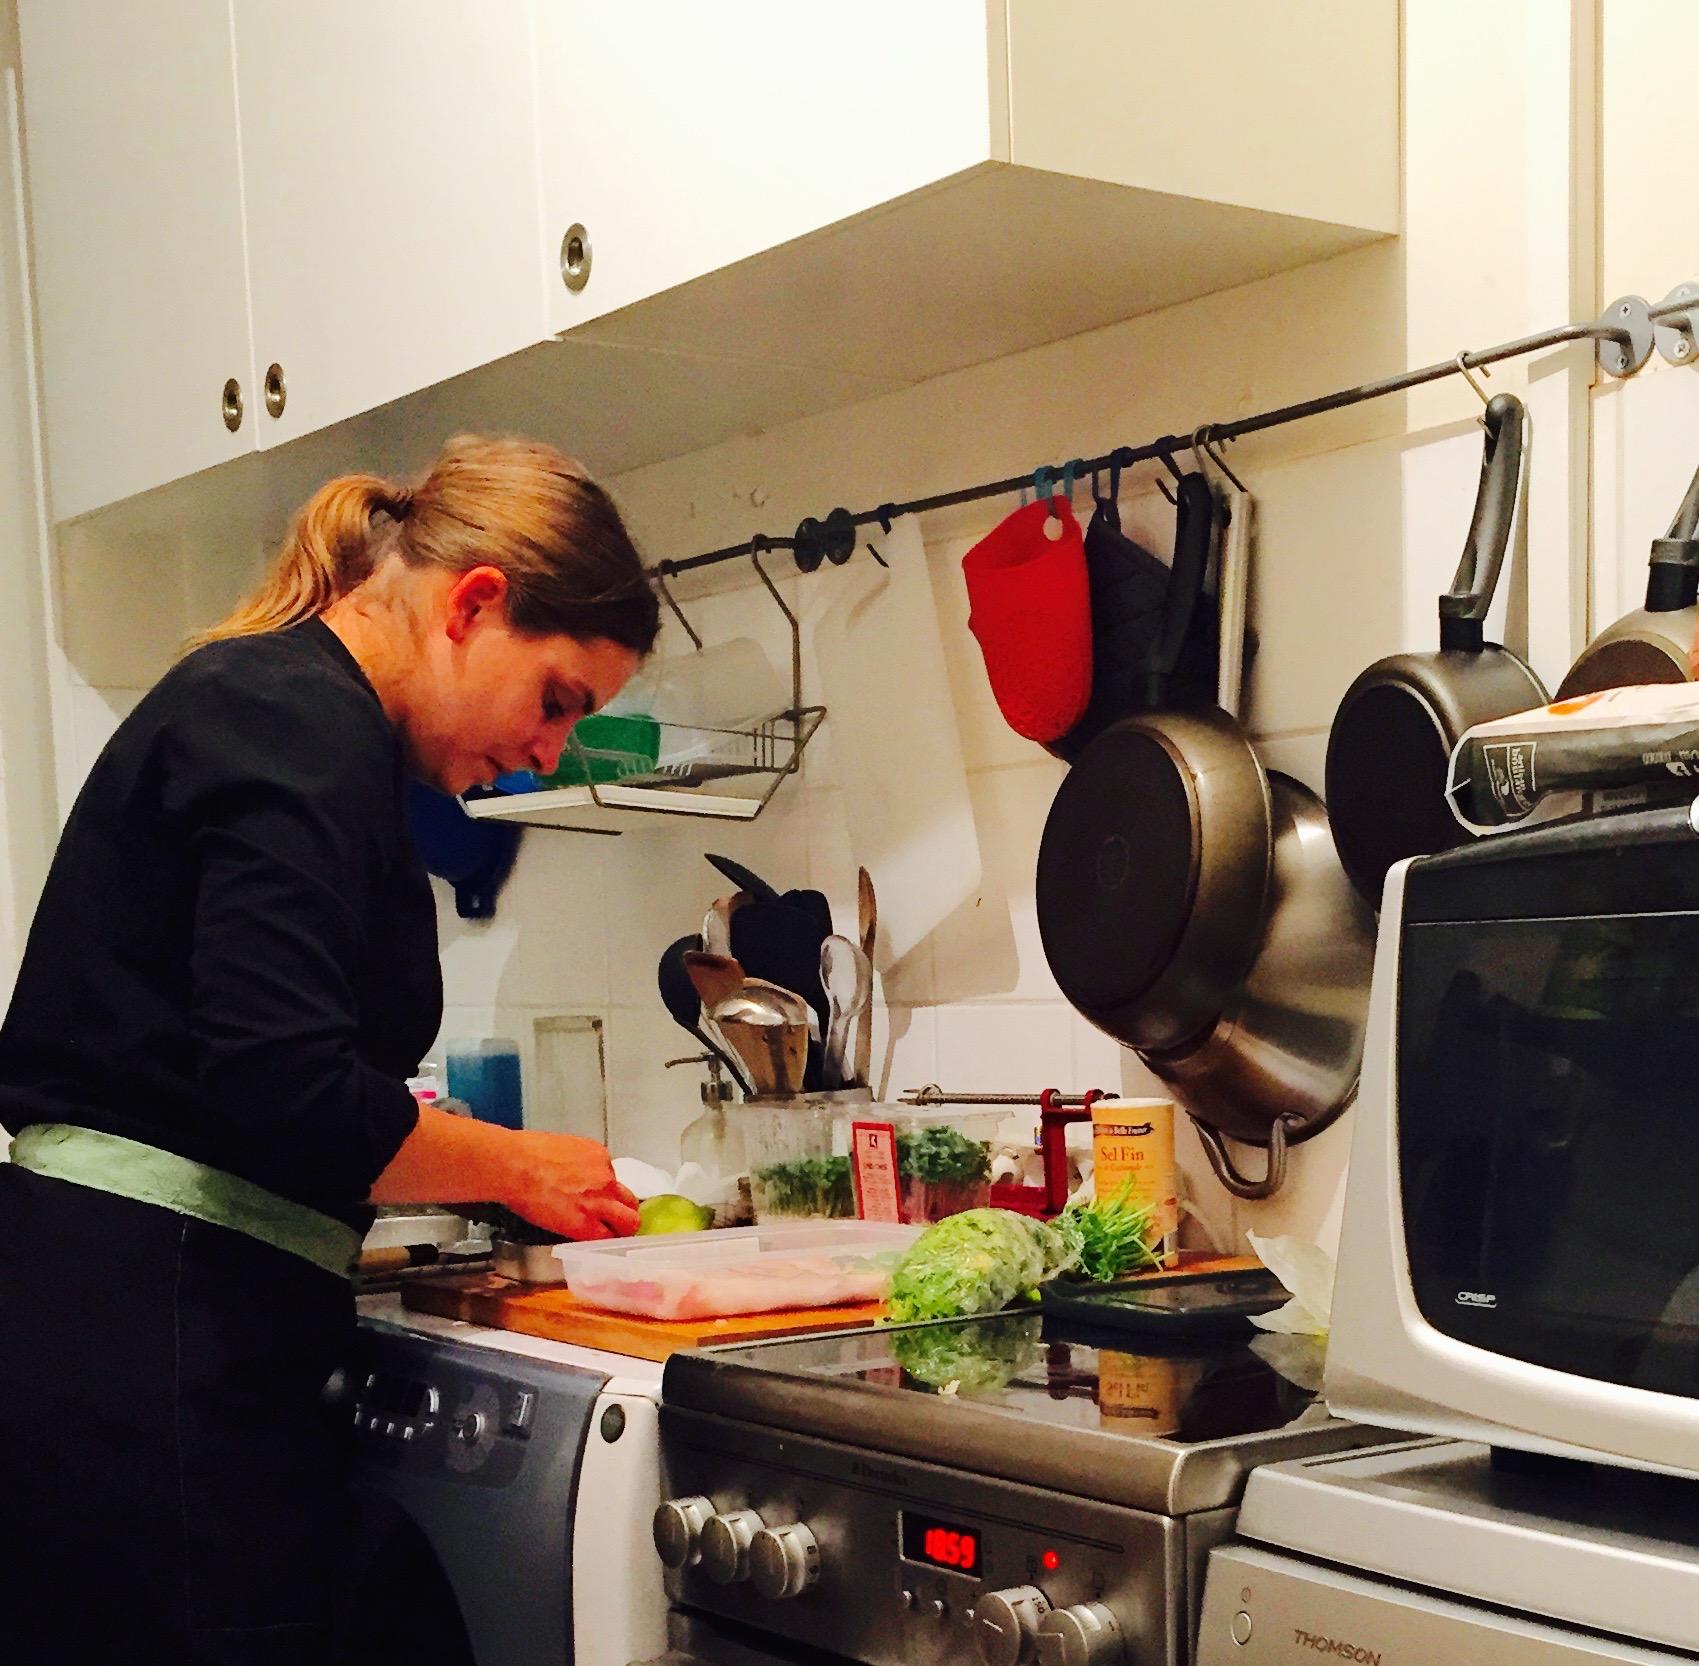 Comment manger un repas gastronomique sans bouger de chez - Cuisiner chez soi et vendre ses plats ...